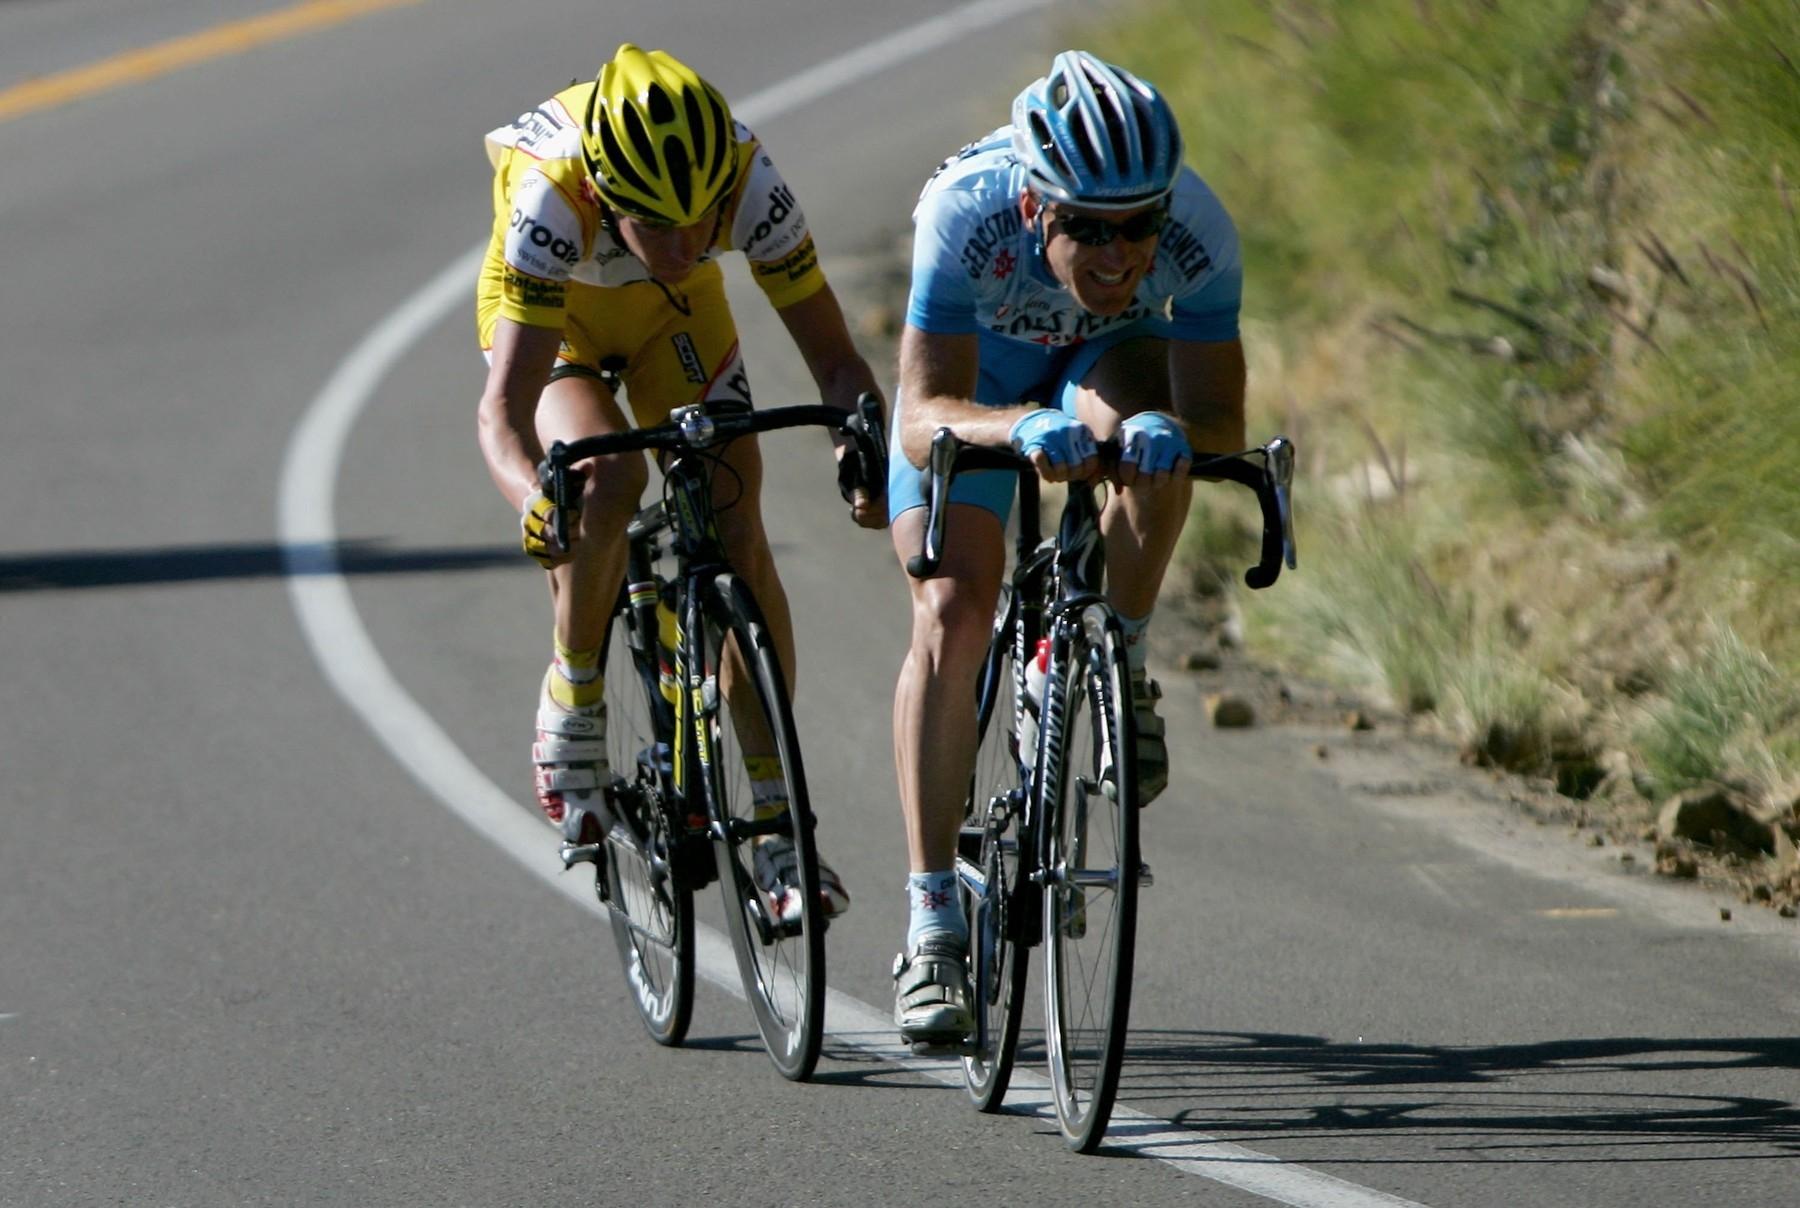 Cyklistická sjezdová pozice s předloktím opřeným o řídítka. Další ze zakázaných pozic.